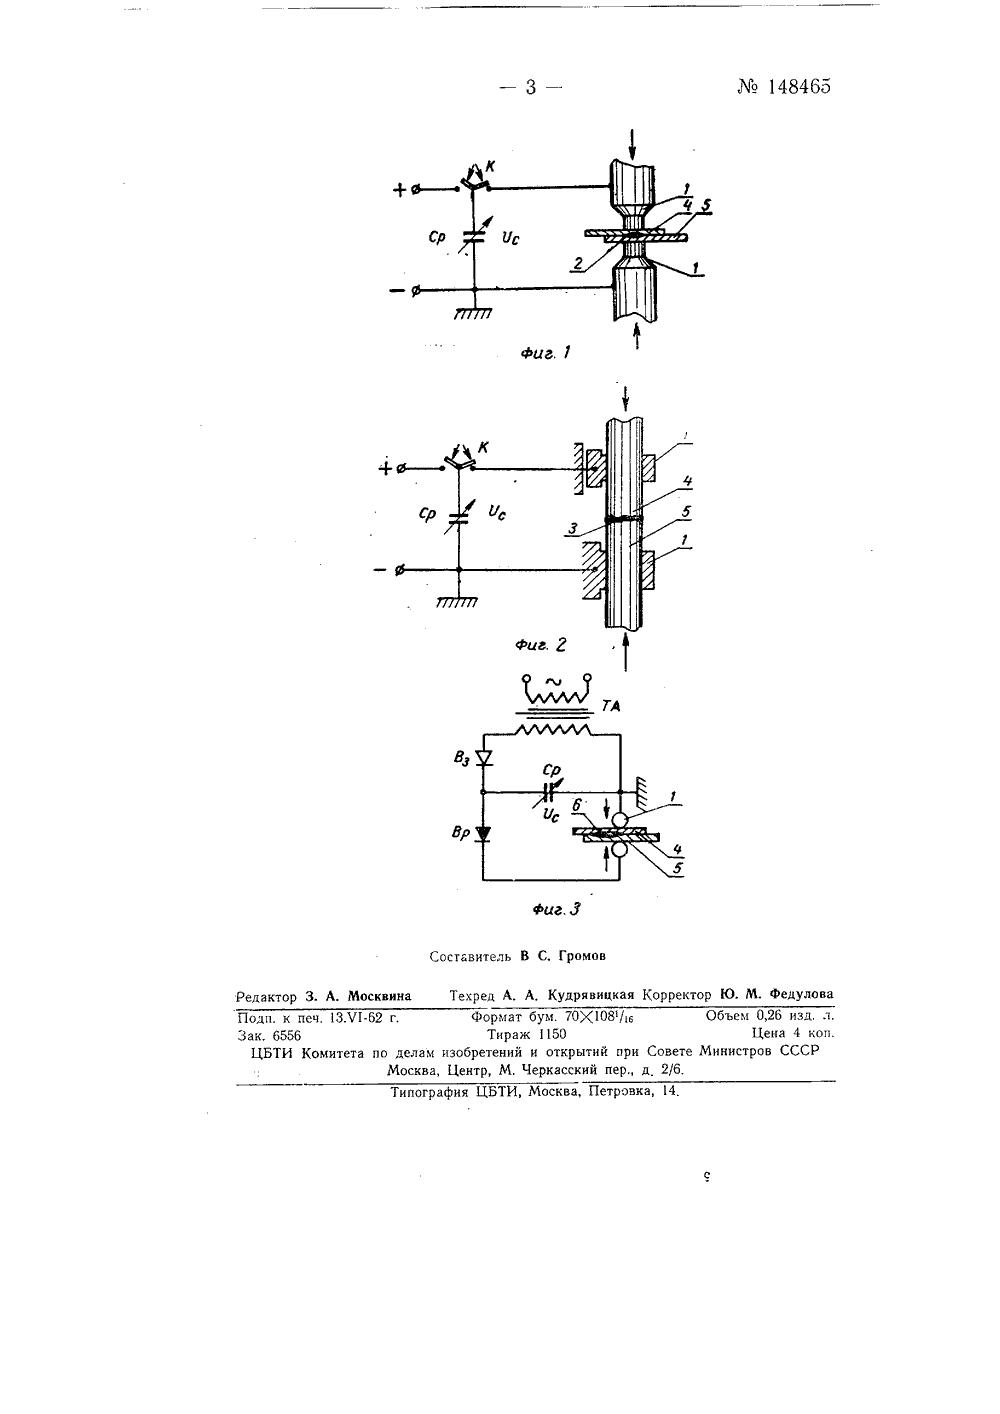 принципиальная схема шовной контактной сварки